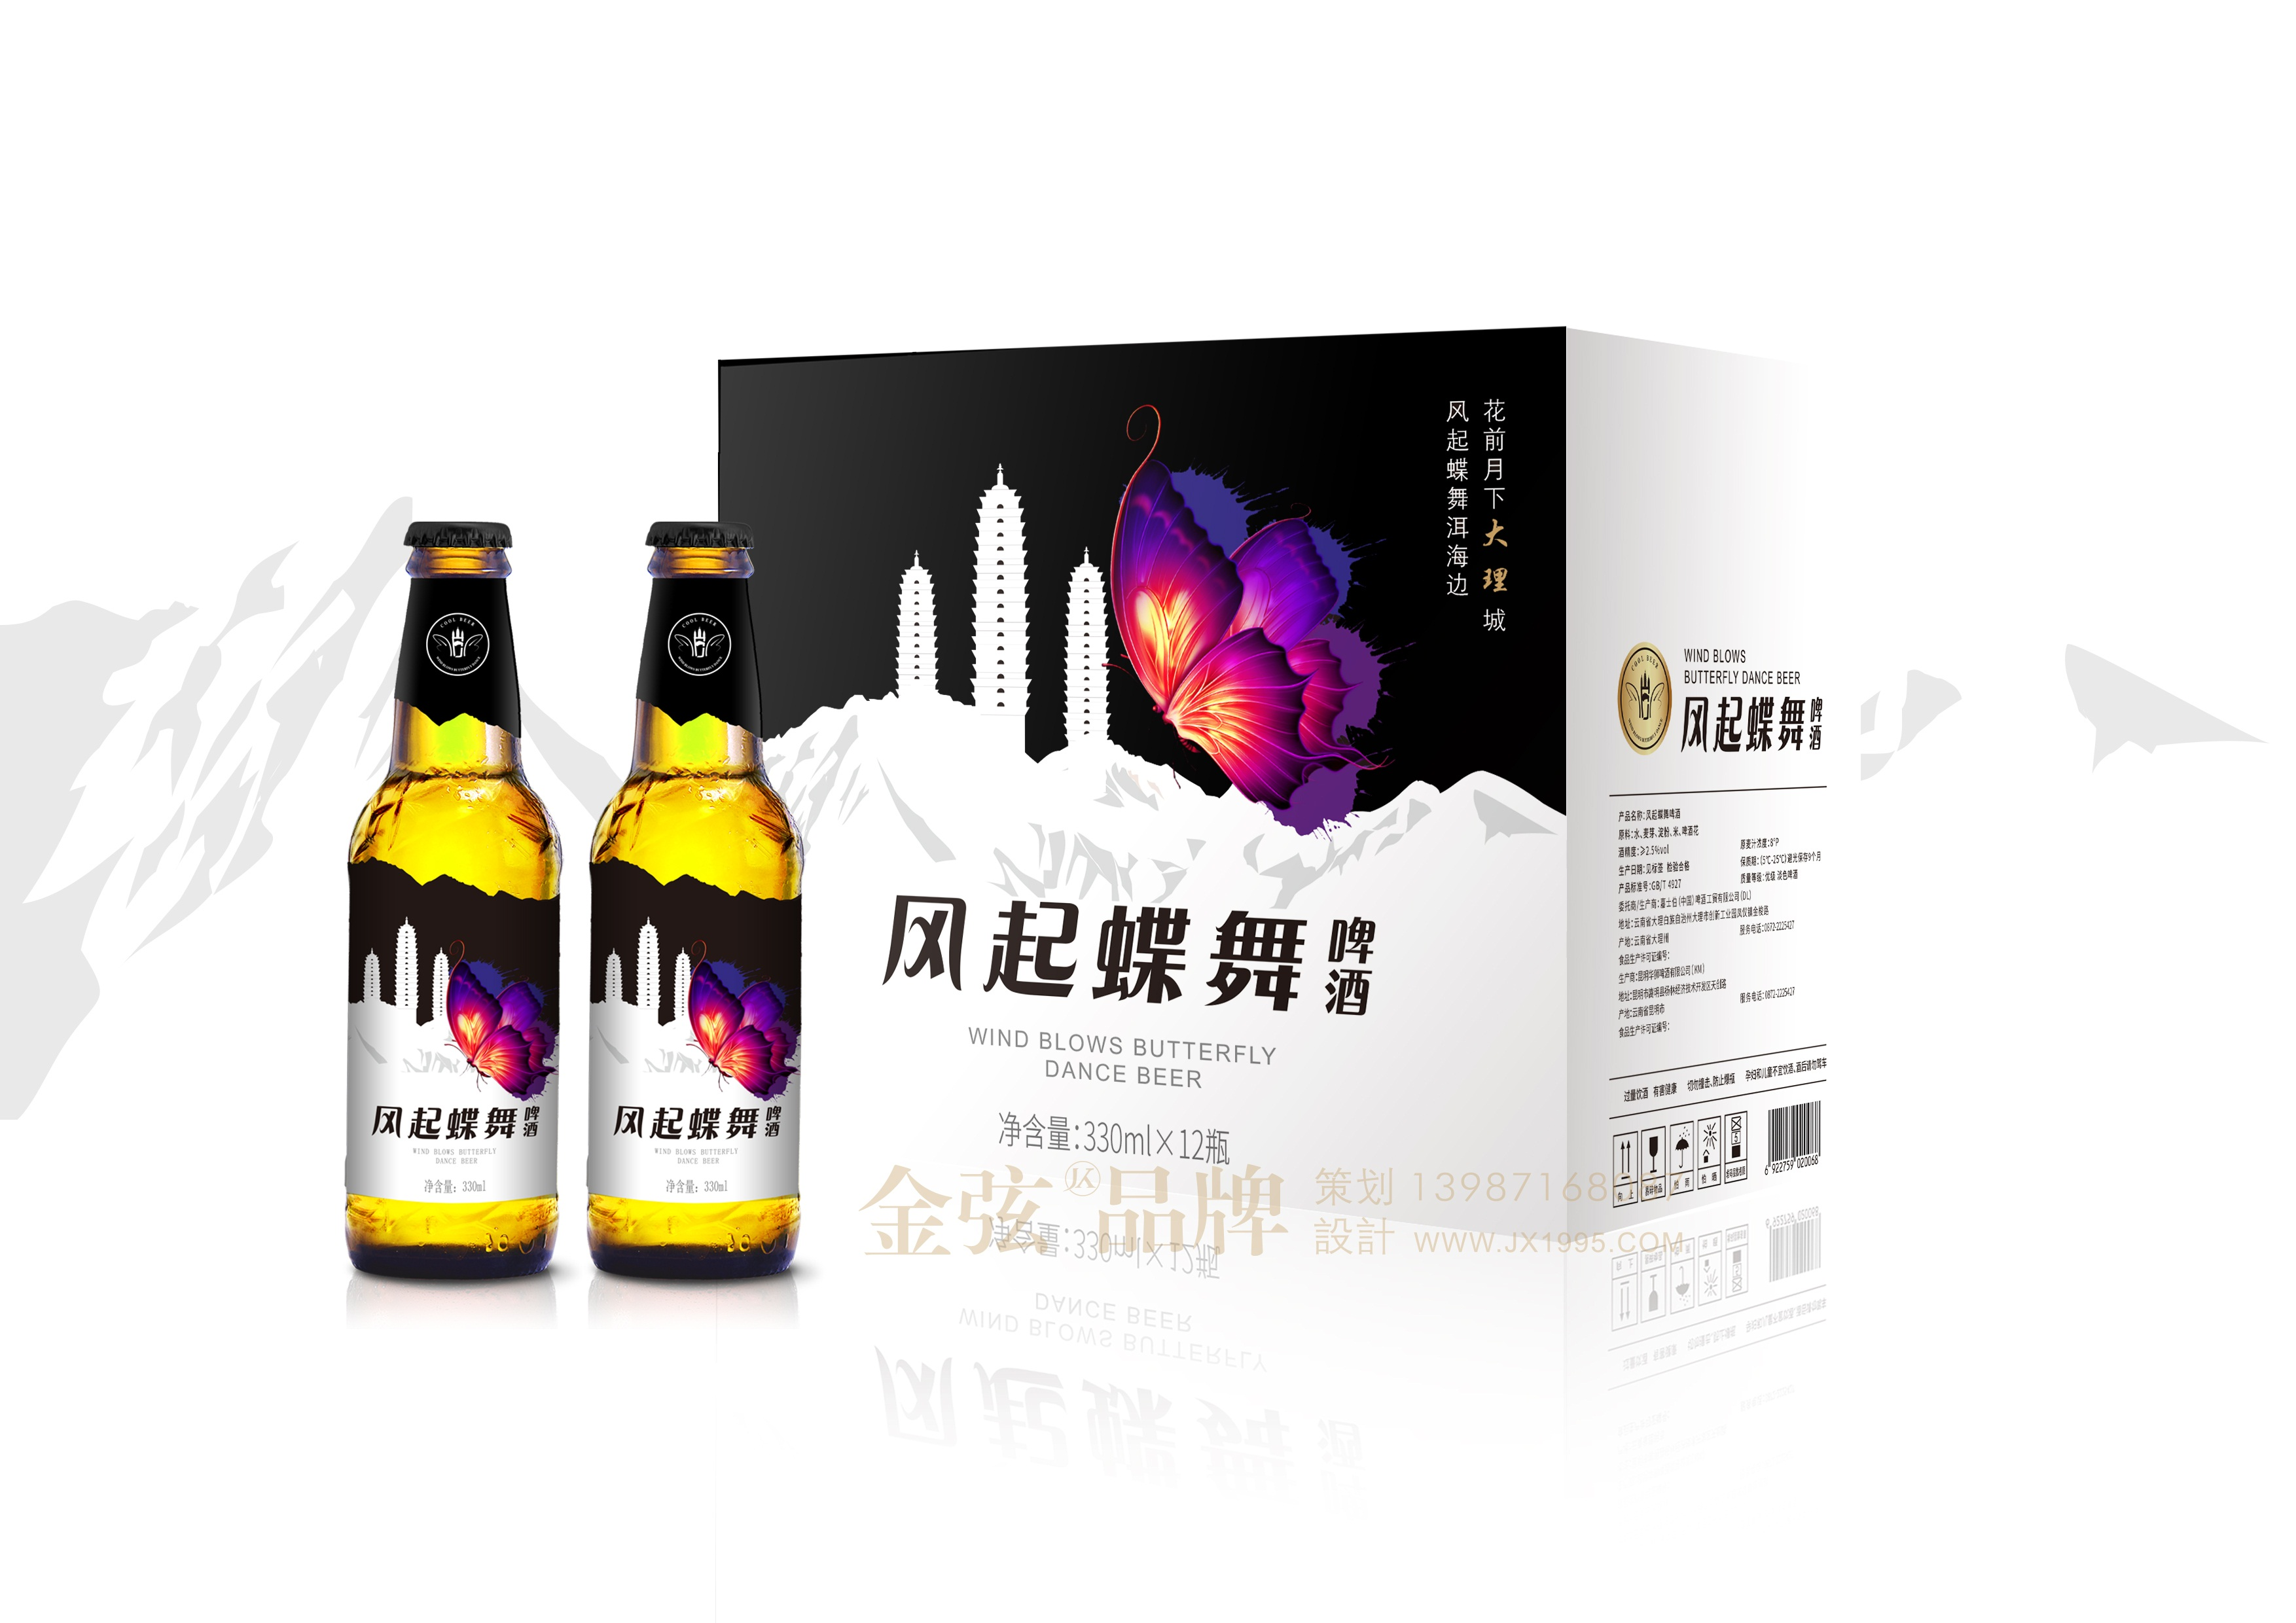 风起蝶舞啤酒包装设计 包装设计 客户资料  第8张